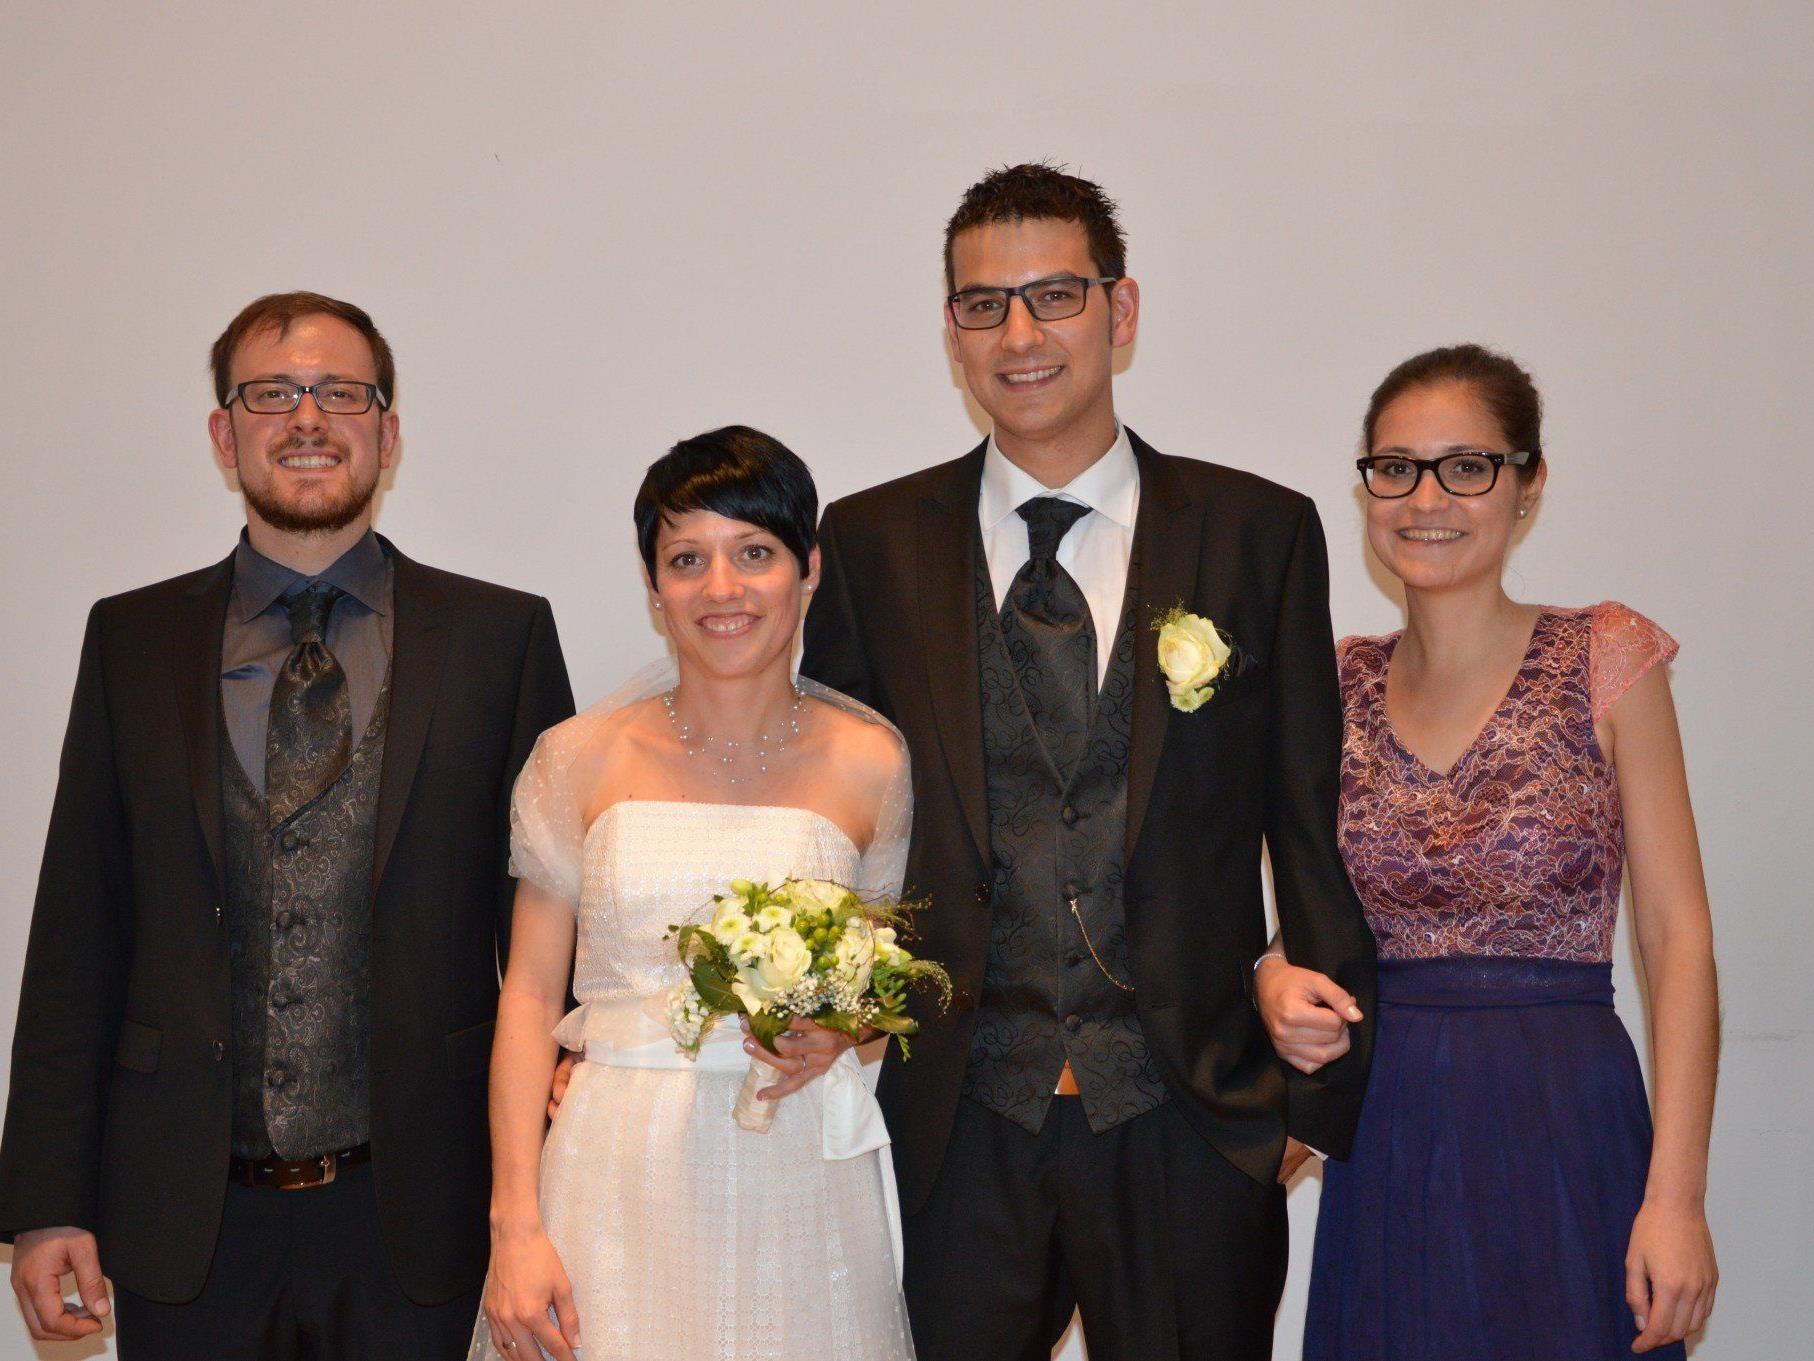 Hochzeit von Catherine Bösch und Martin Hollenstein - Lustenau   VOL.AT